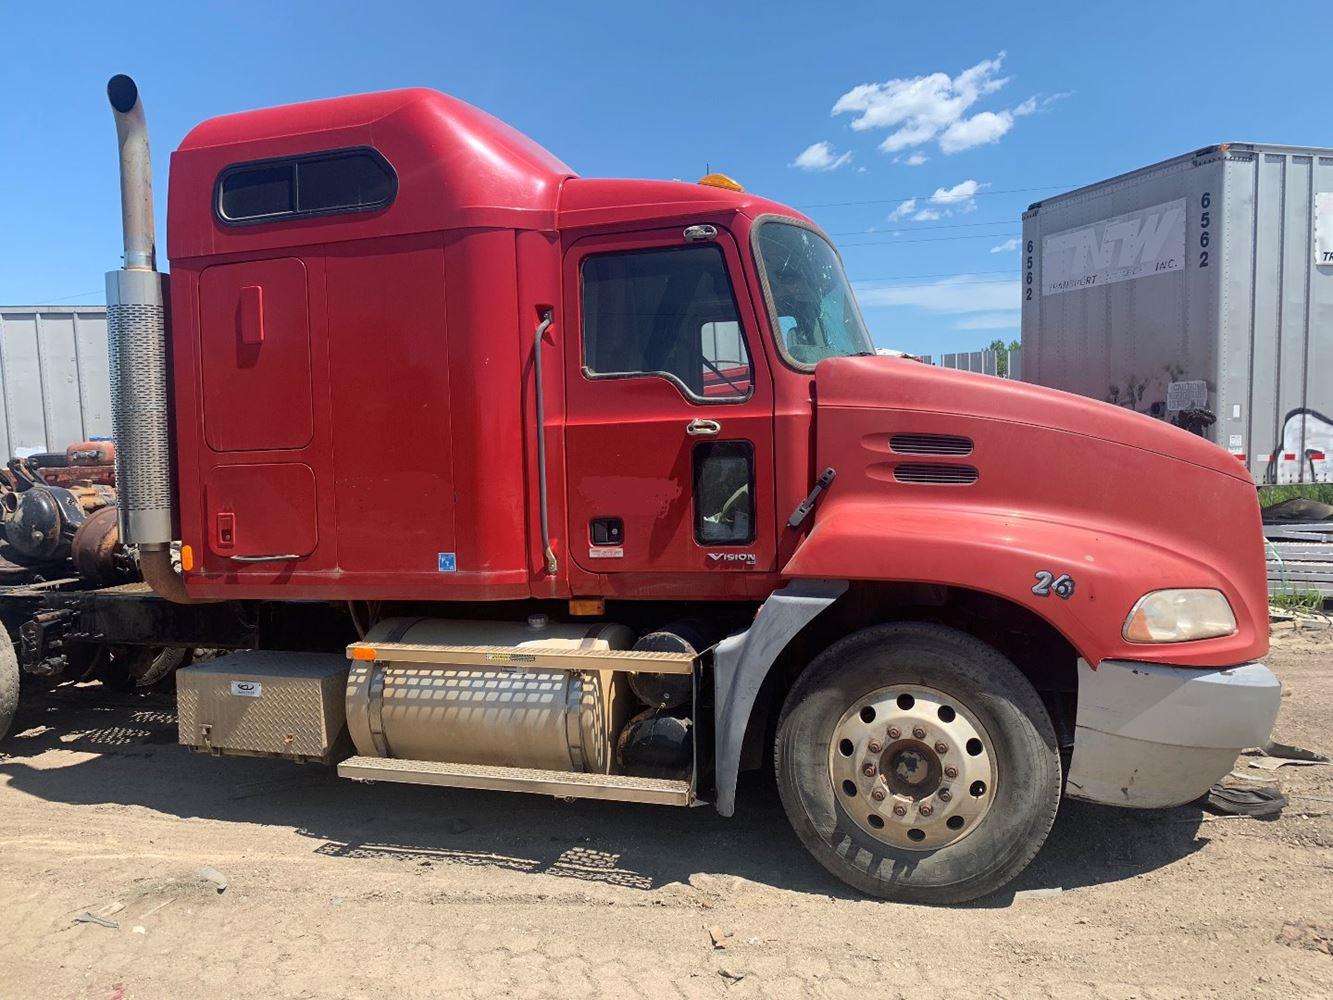 2005 Mack CXN613 (Stock #541) | Cabs | TPI